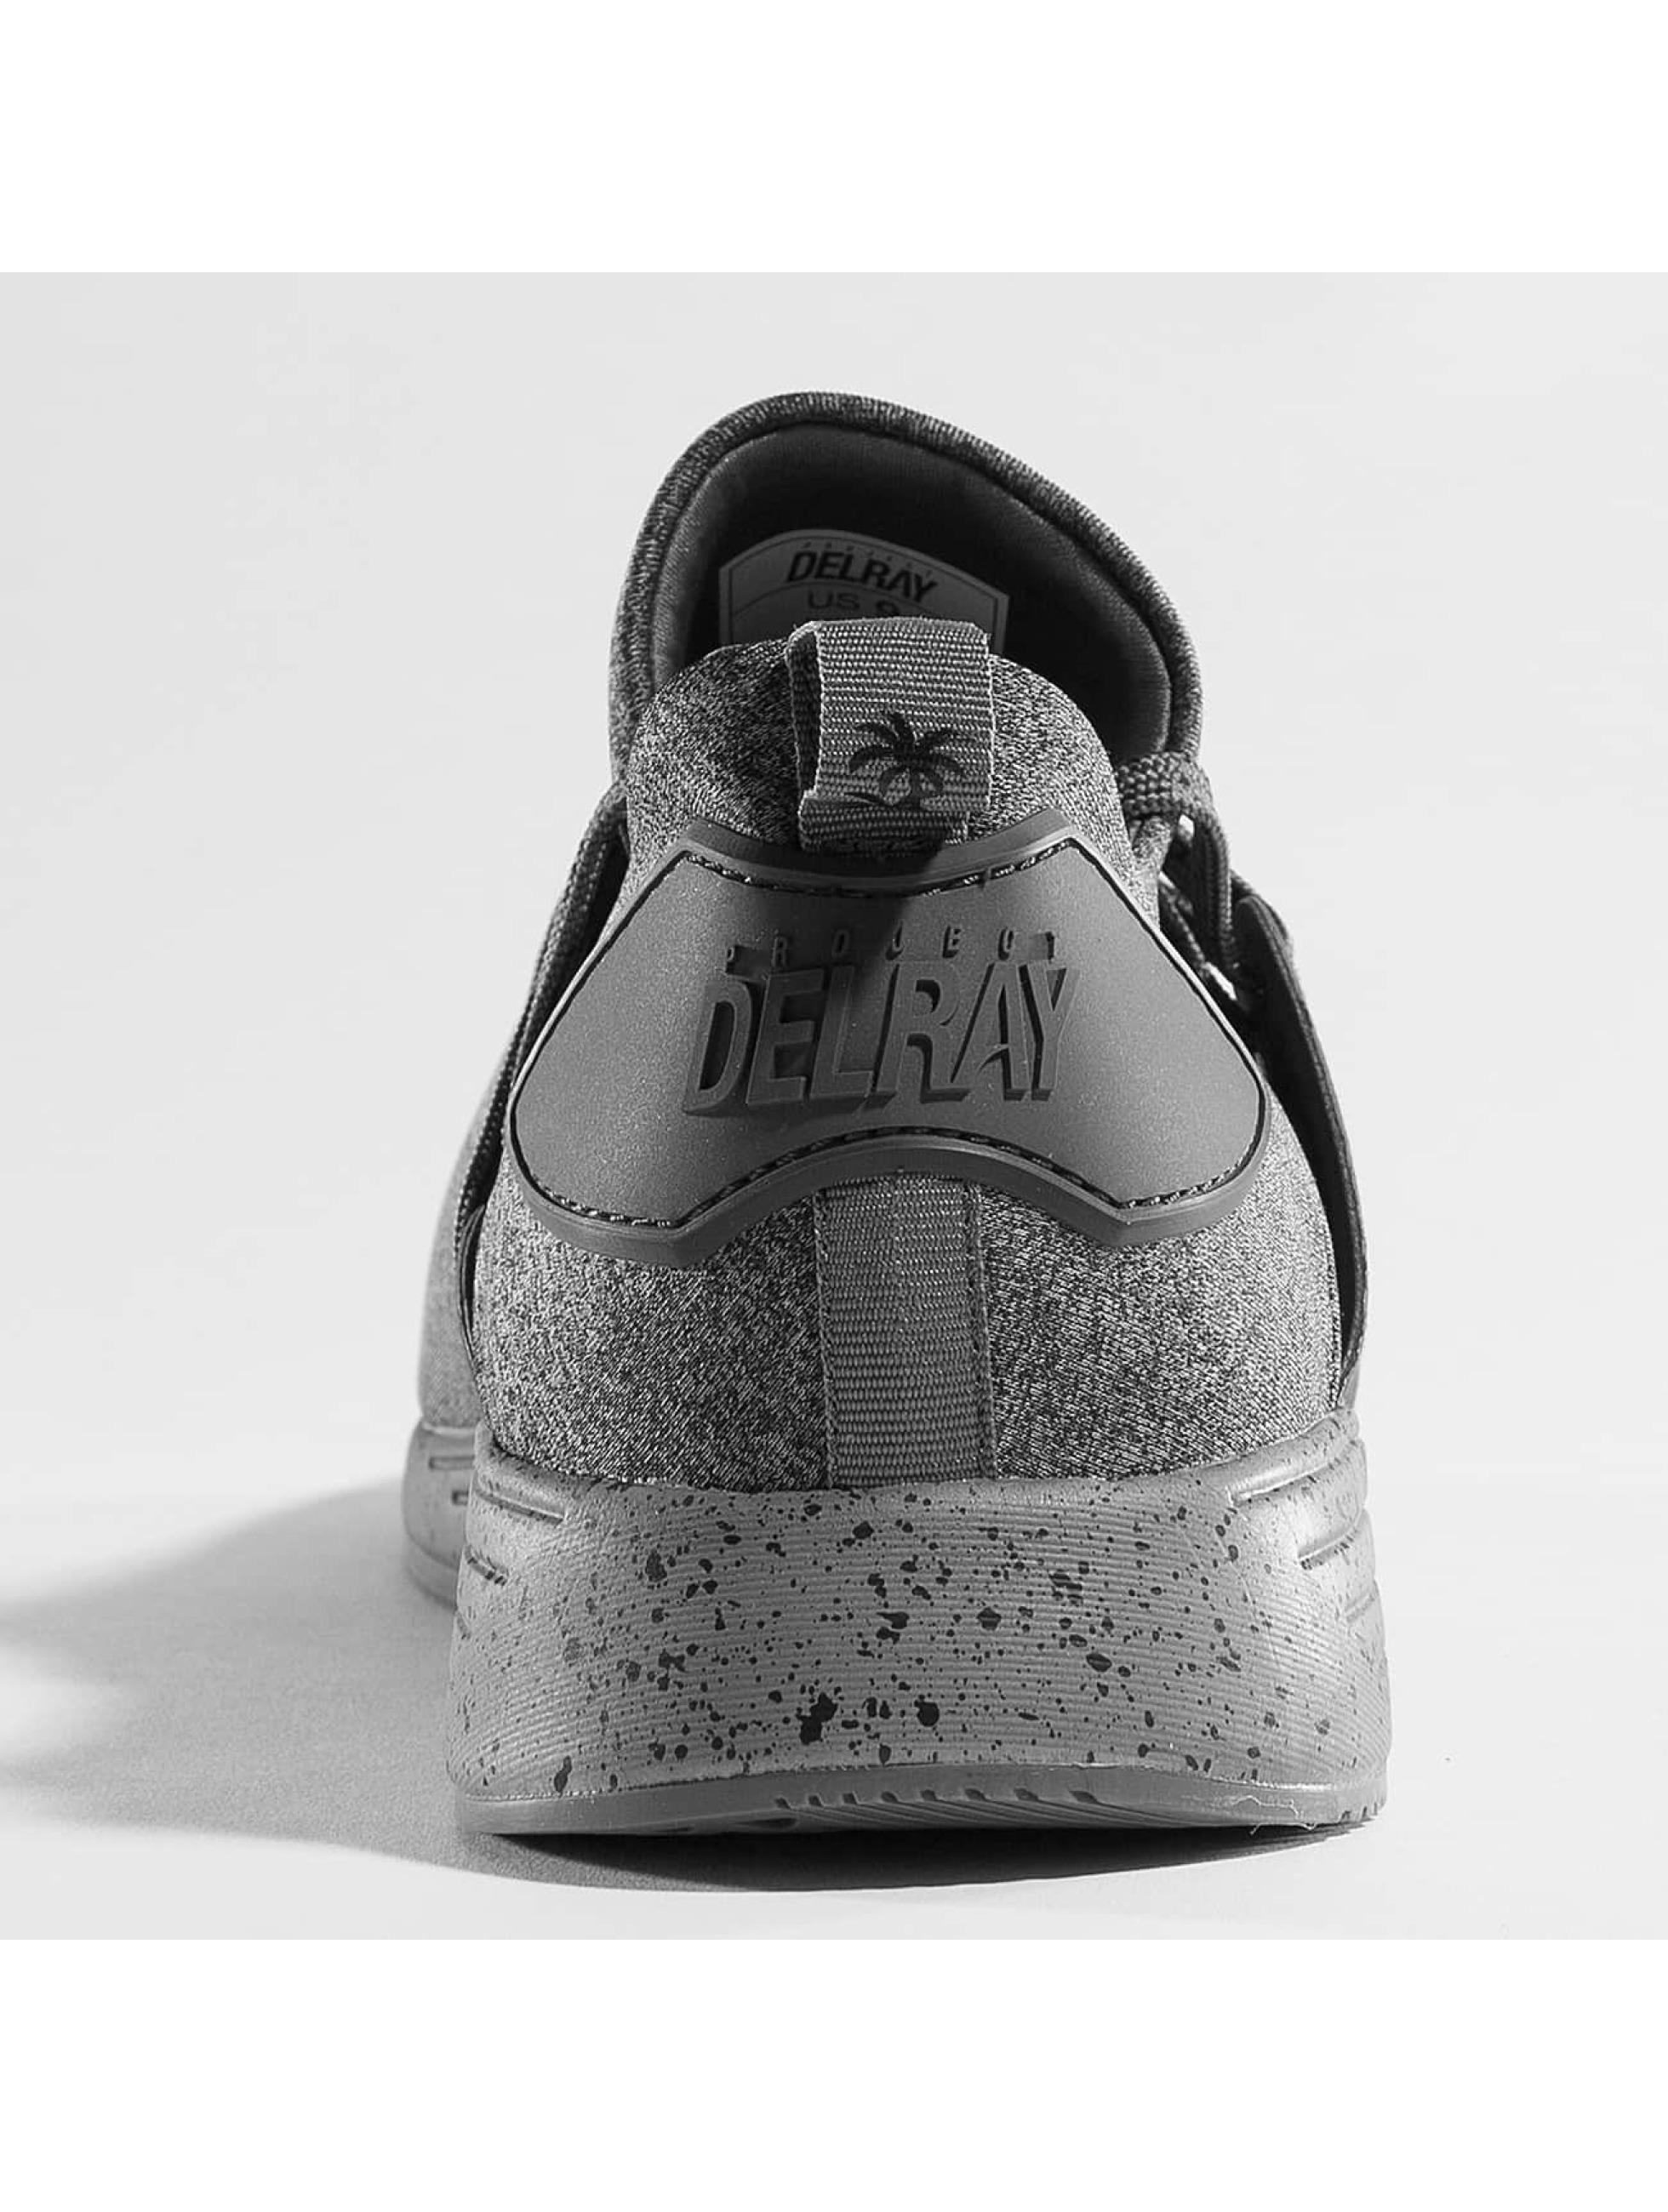 Project Delray sneaker Wavey grijs